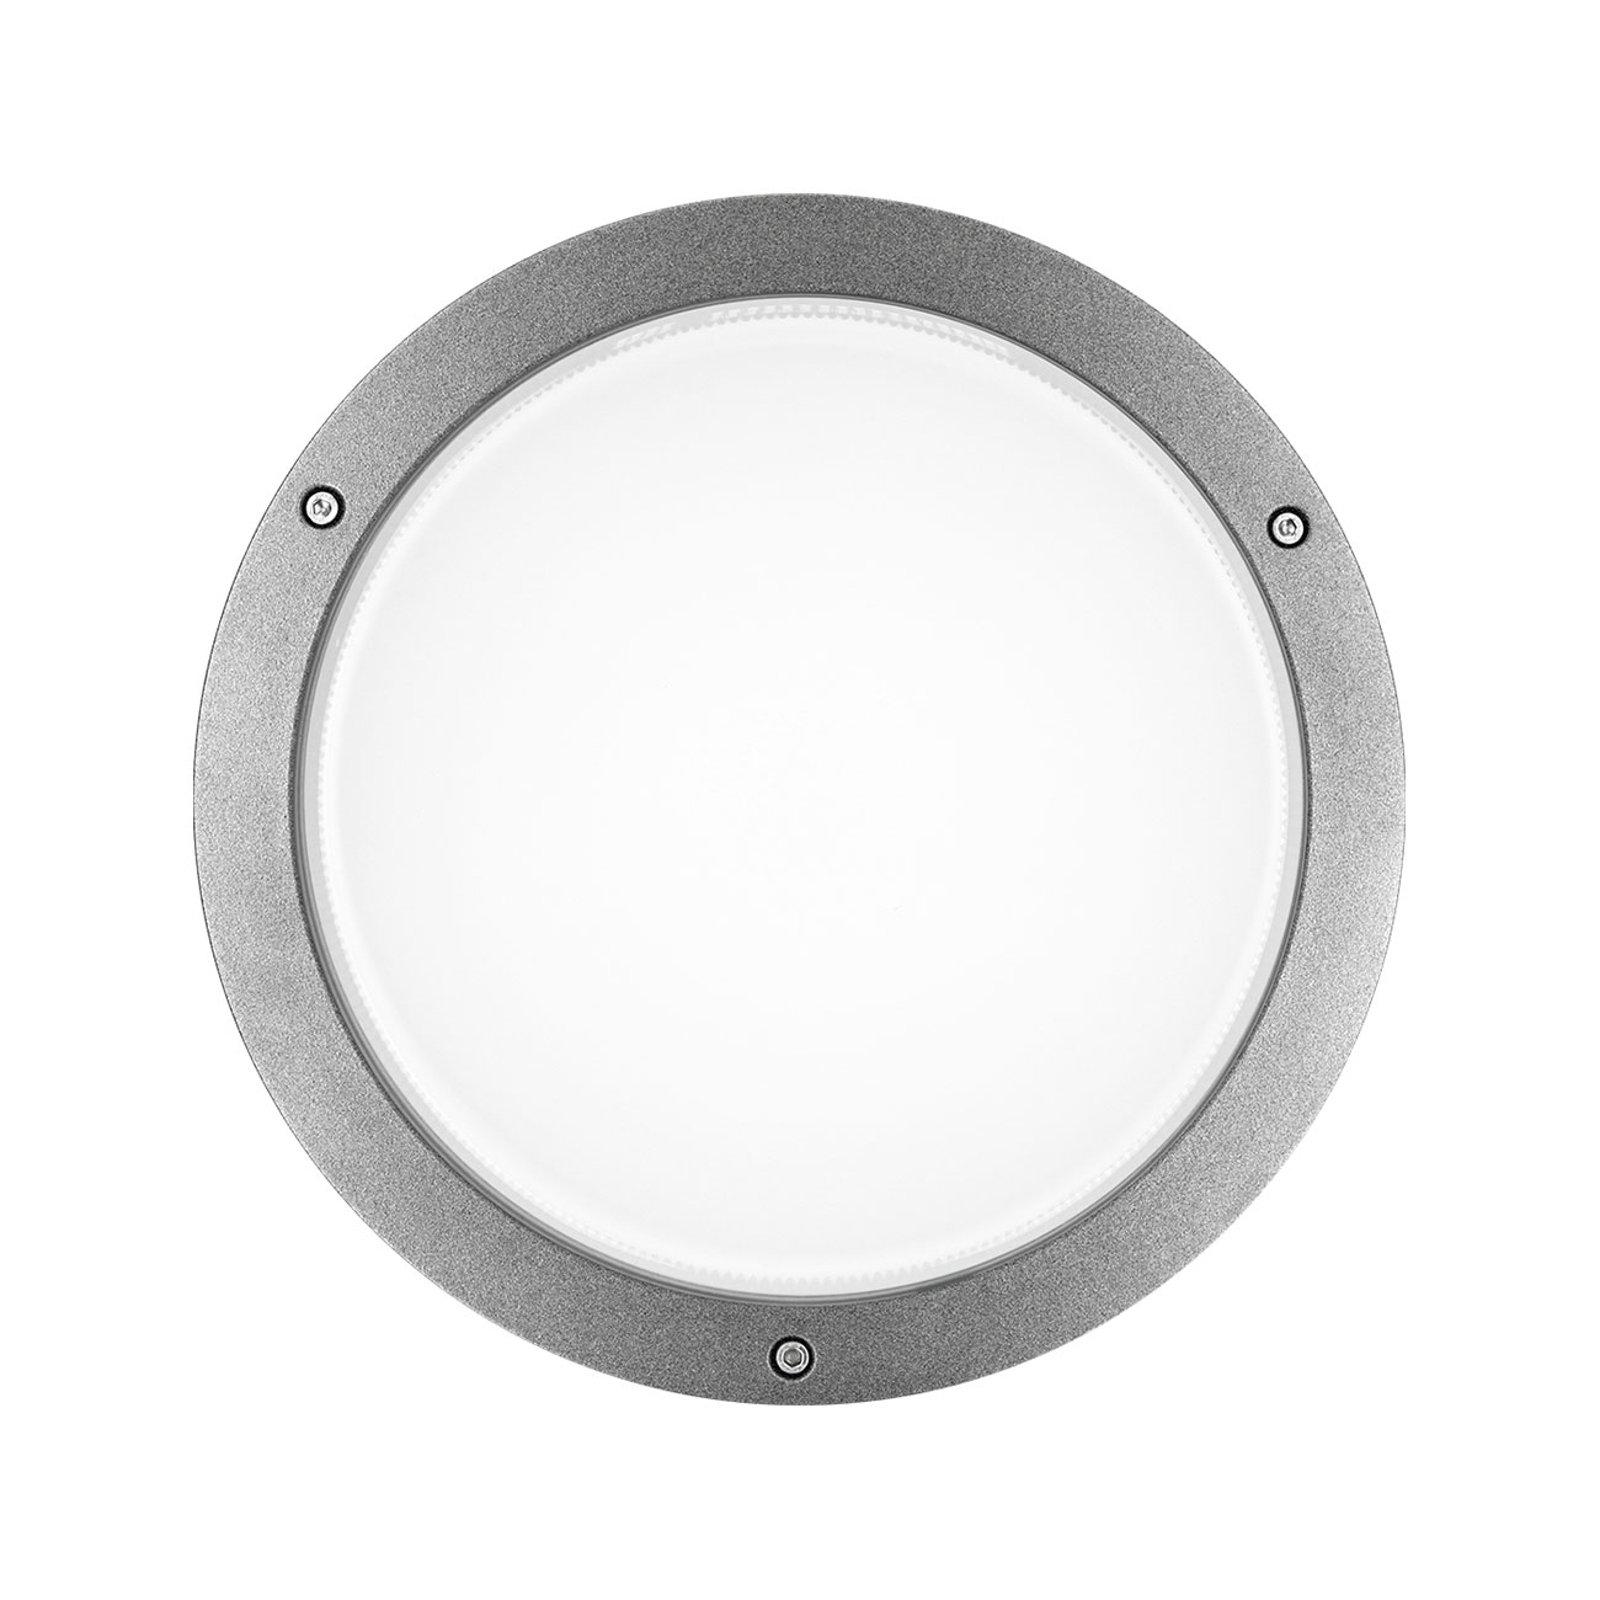 LED- vegglampe Bliz Round 30 30W, 3 000 K, grå